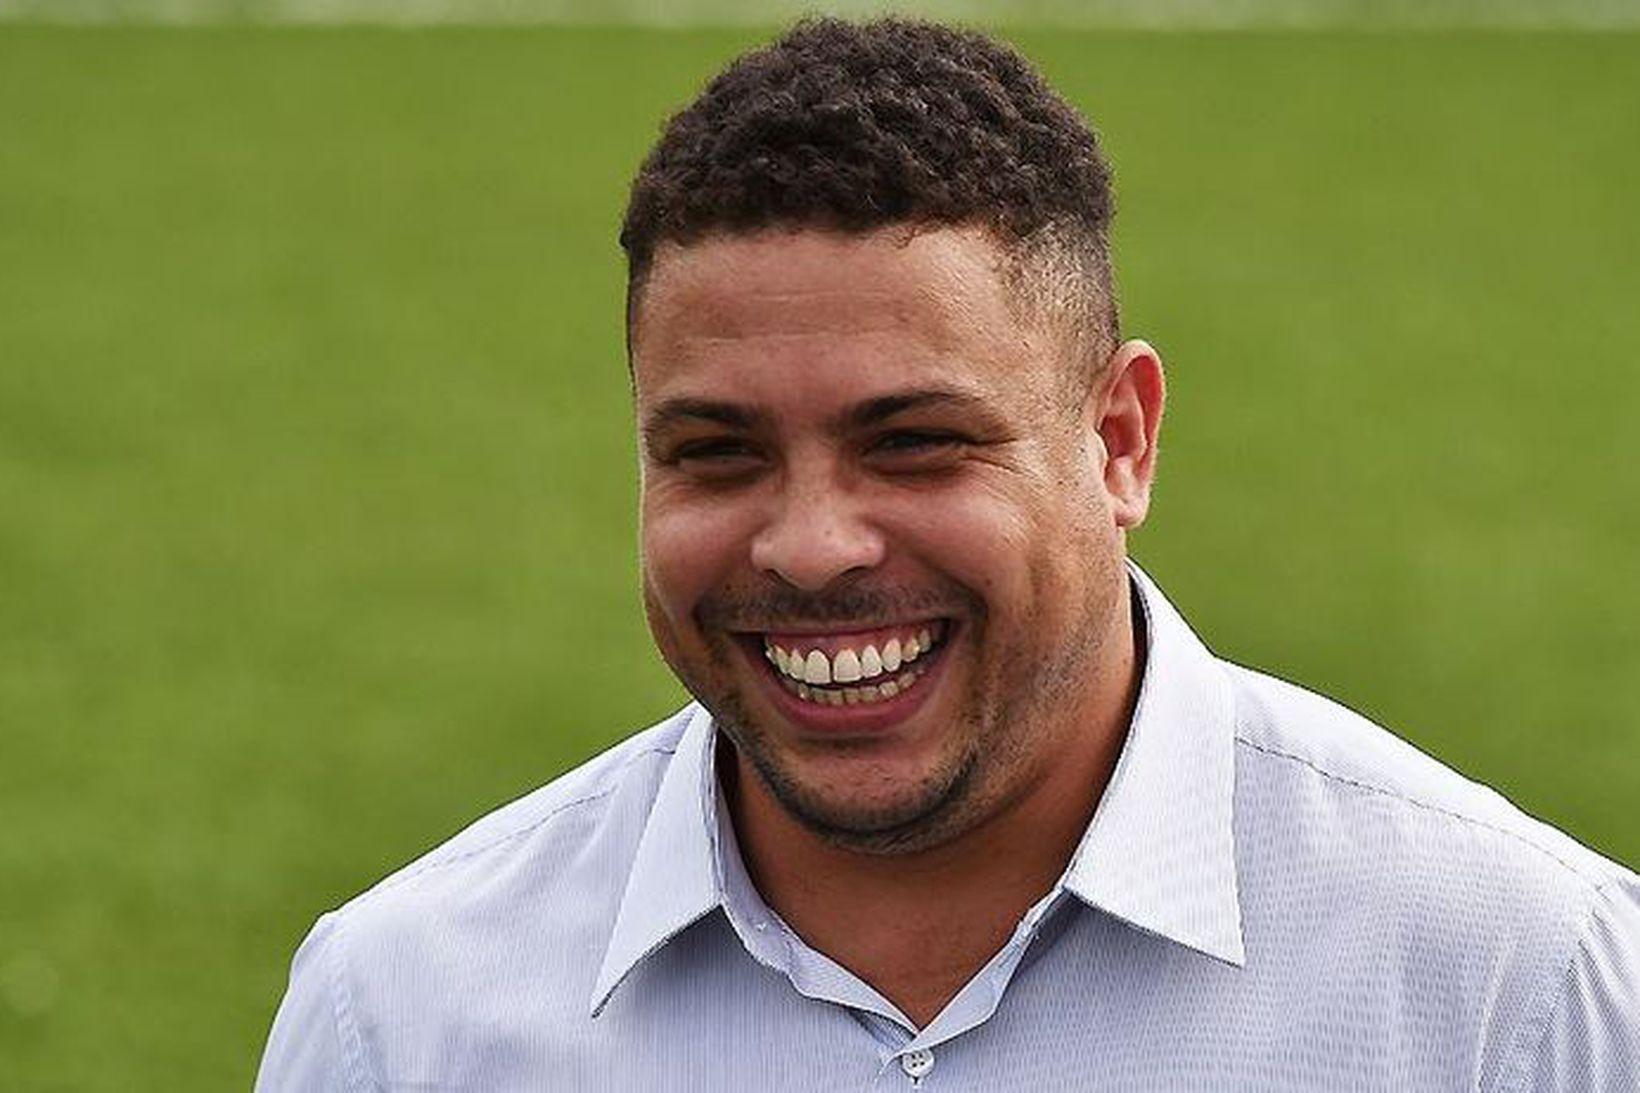 Brasilíska goðsögnin Ronaldo.